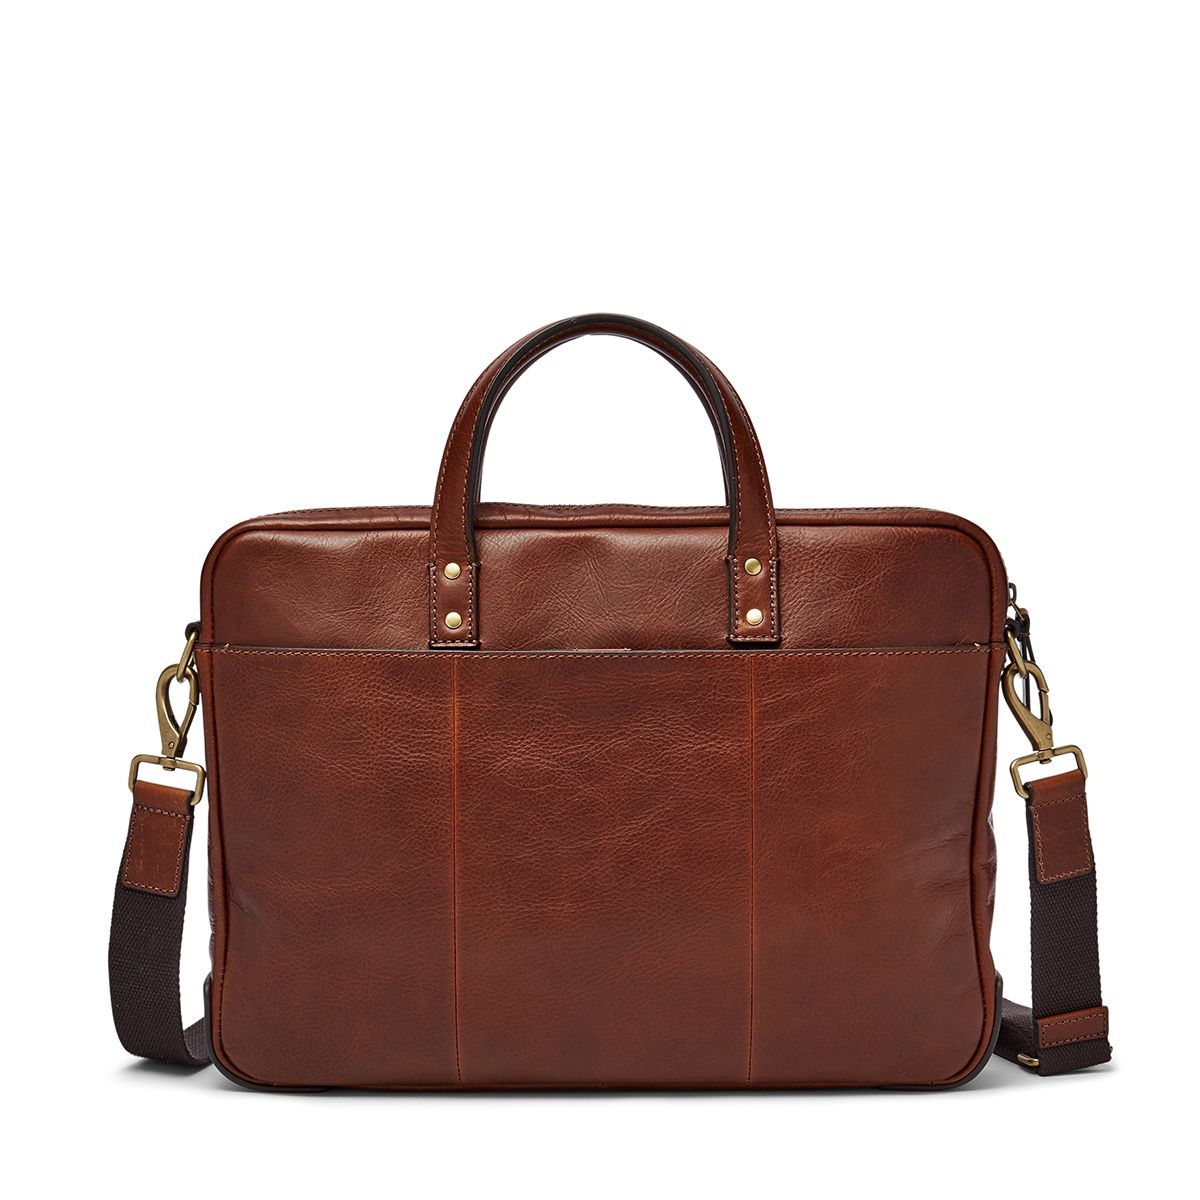 04699e0475 Fossil Handbags   Purses - Macy s